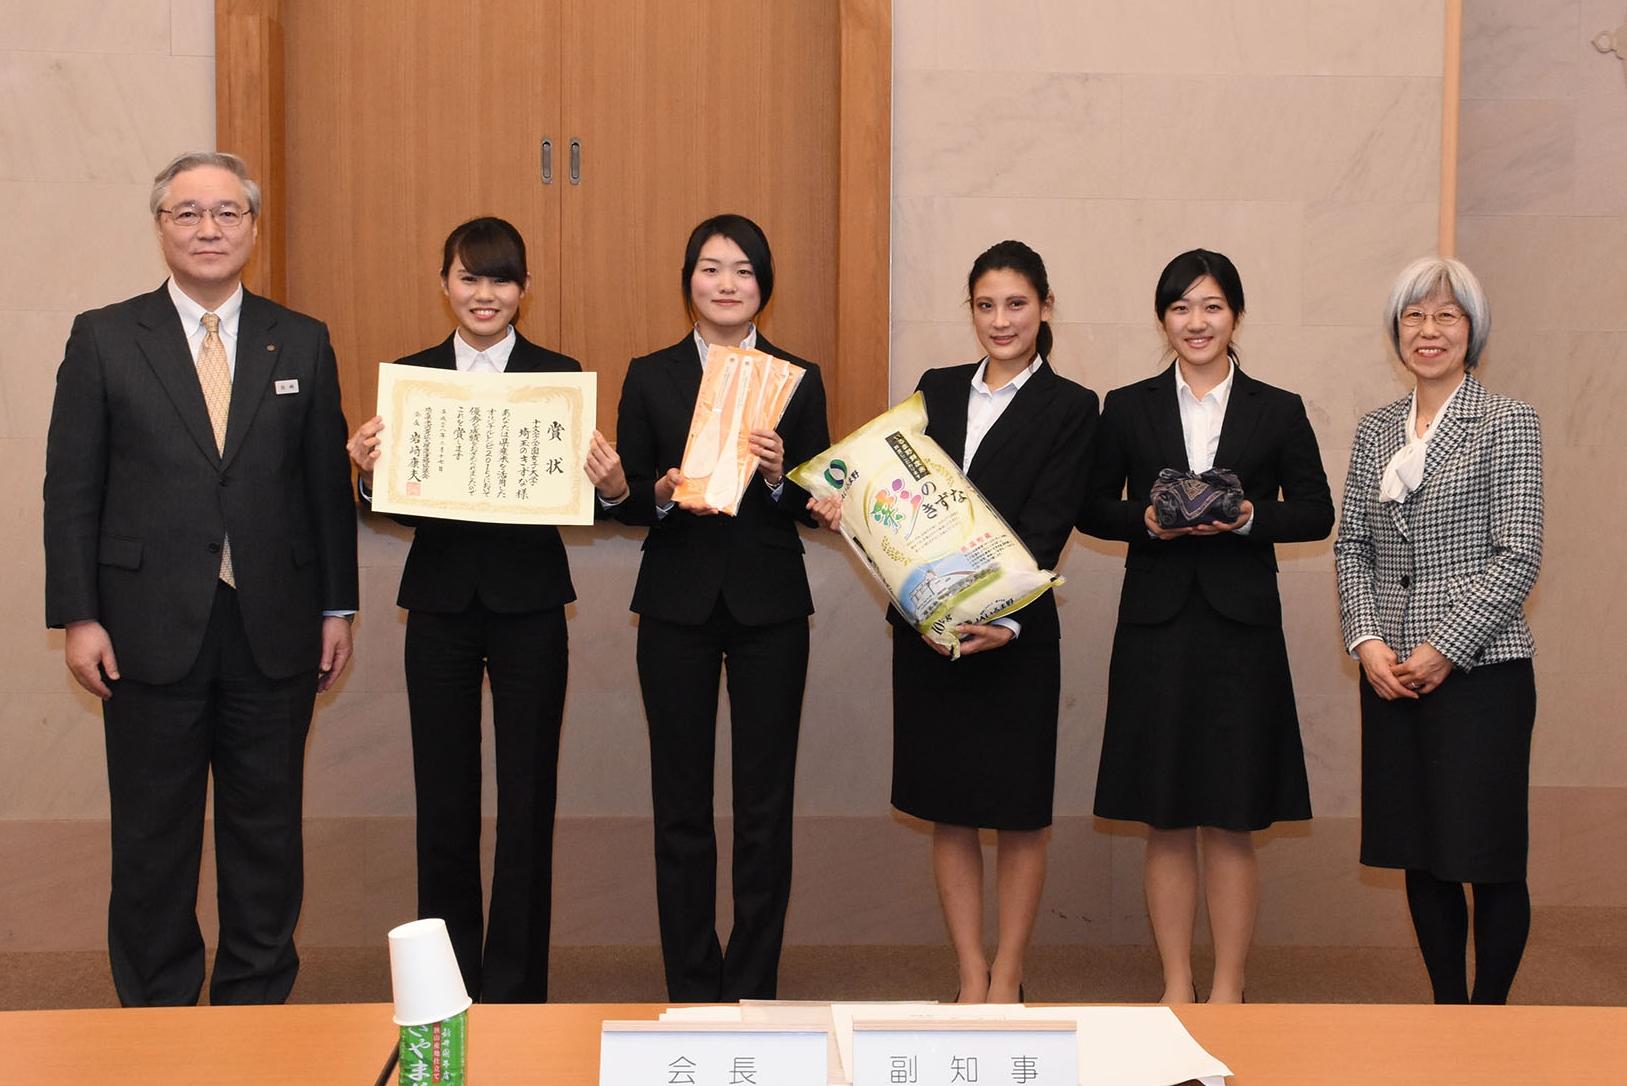 食物栄養学科チームが2年連続優秀賞/県産米を活用したオリジナルレシピ2015